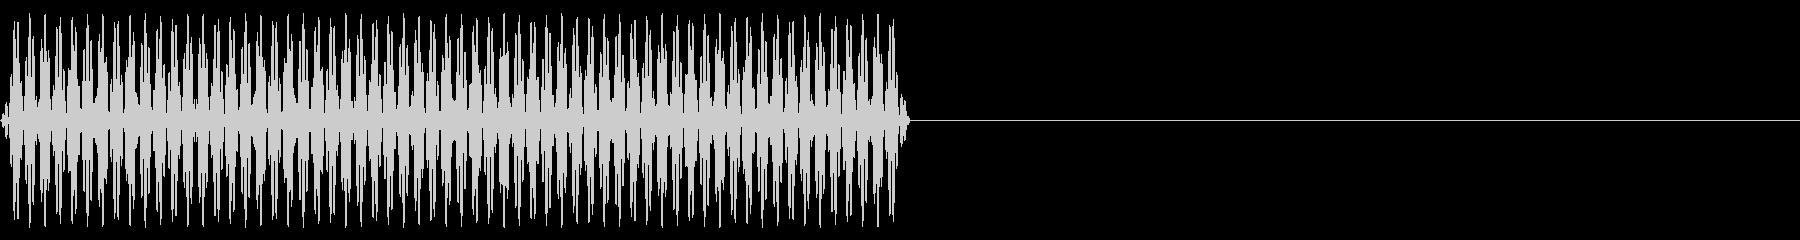 『ピッ』電話のプッシュ音(1)-単音の未再生の波形